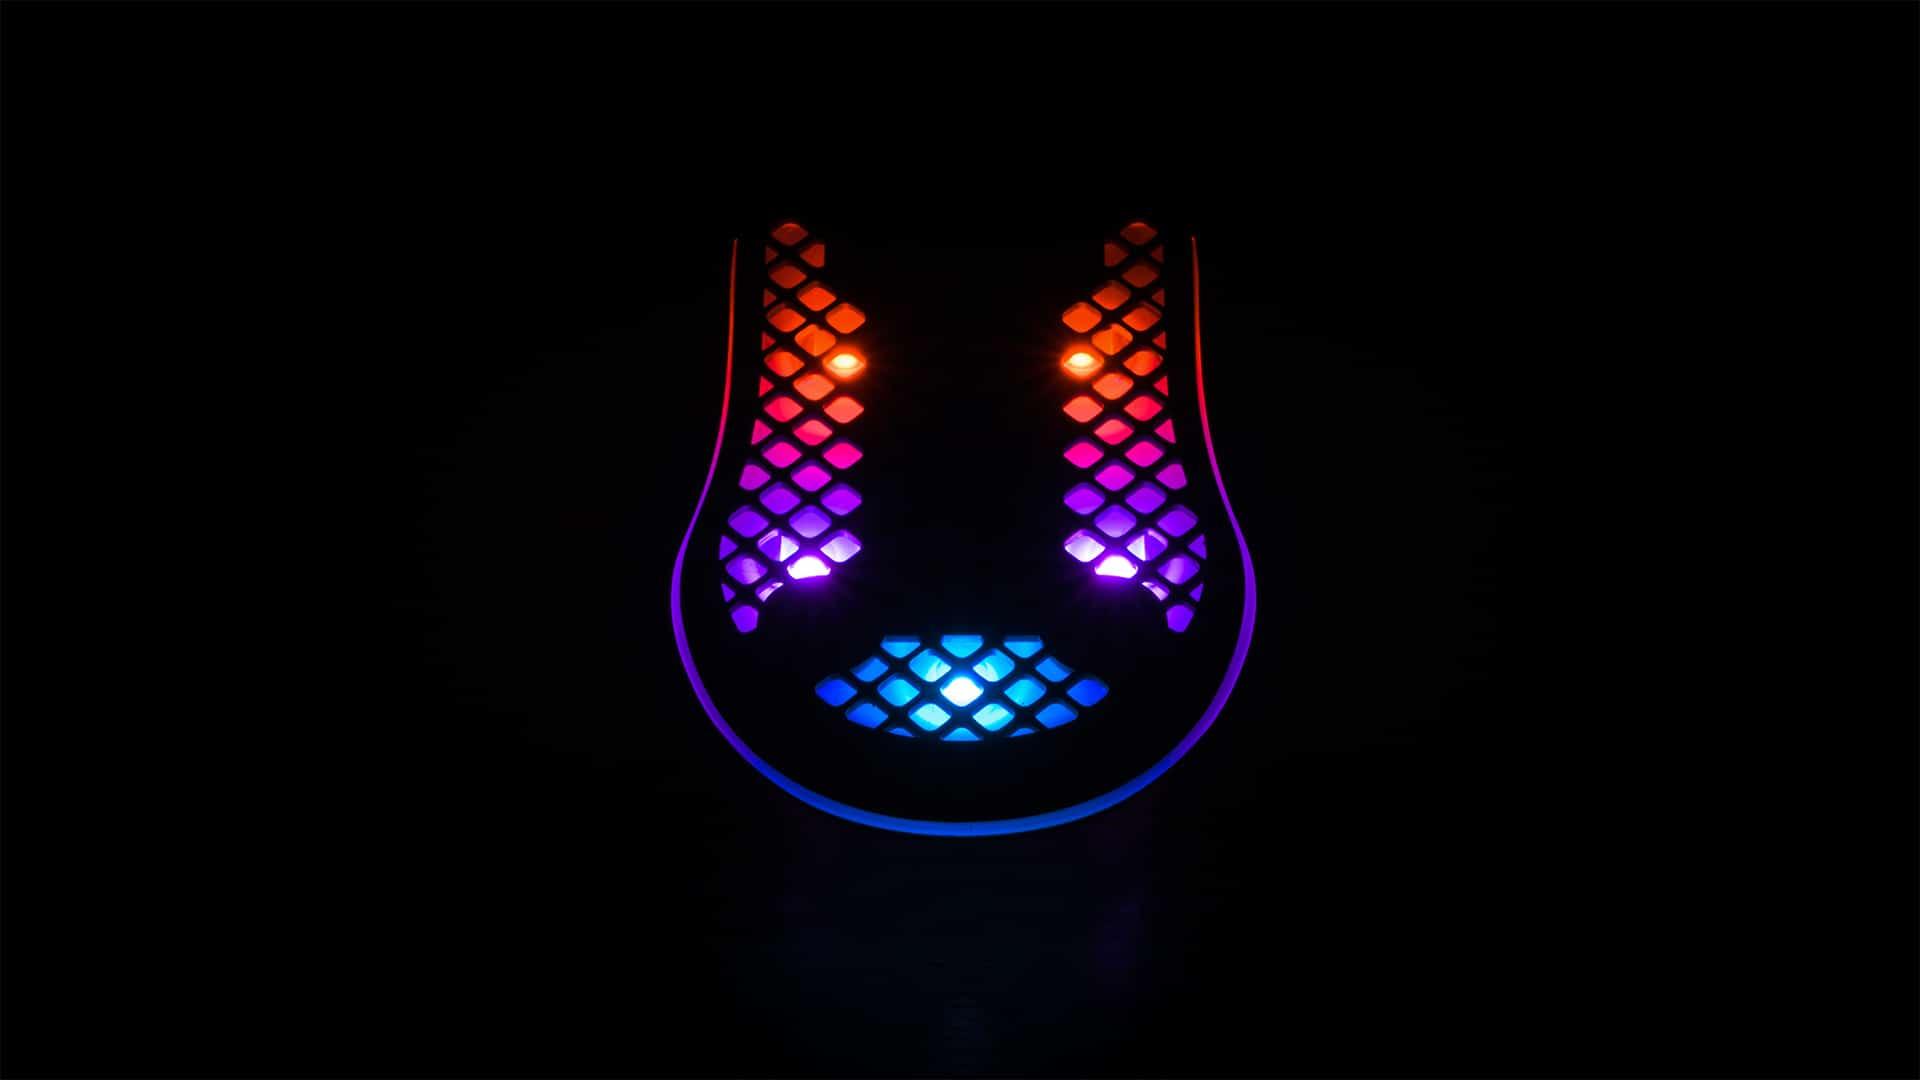 De onderzijde van SteelSeries' Aerox 3-muis in het donker, waarop de vijf RGB-lichten helder zichtbaar zijn.